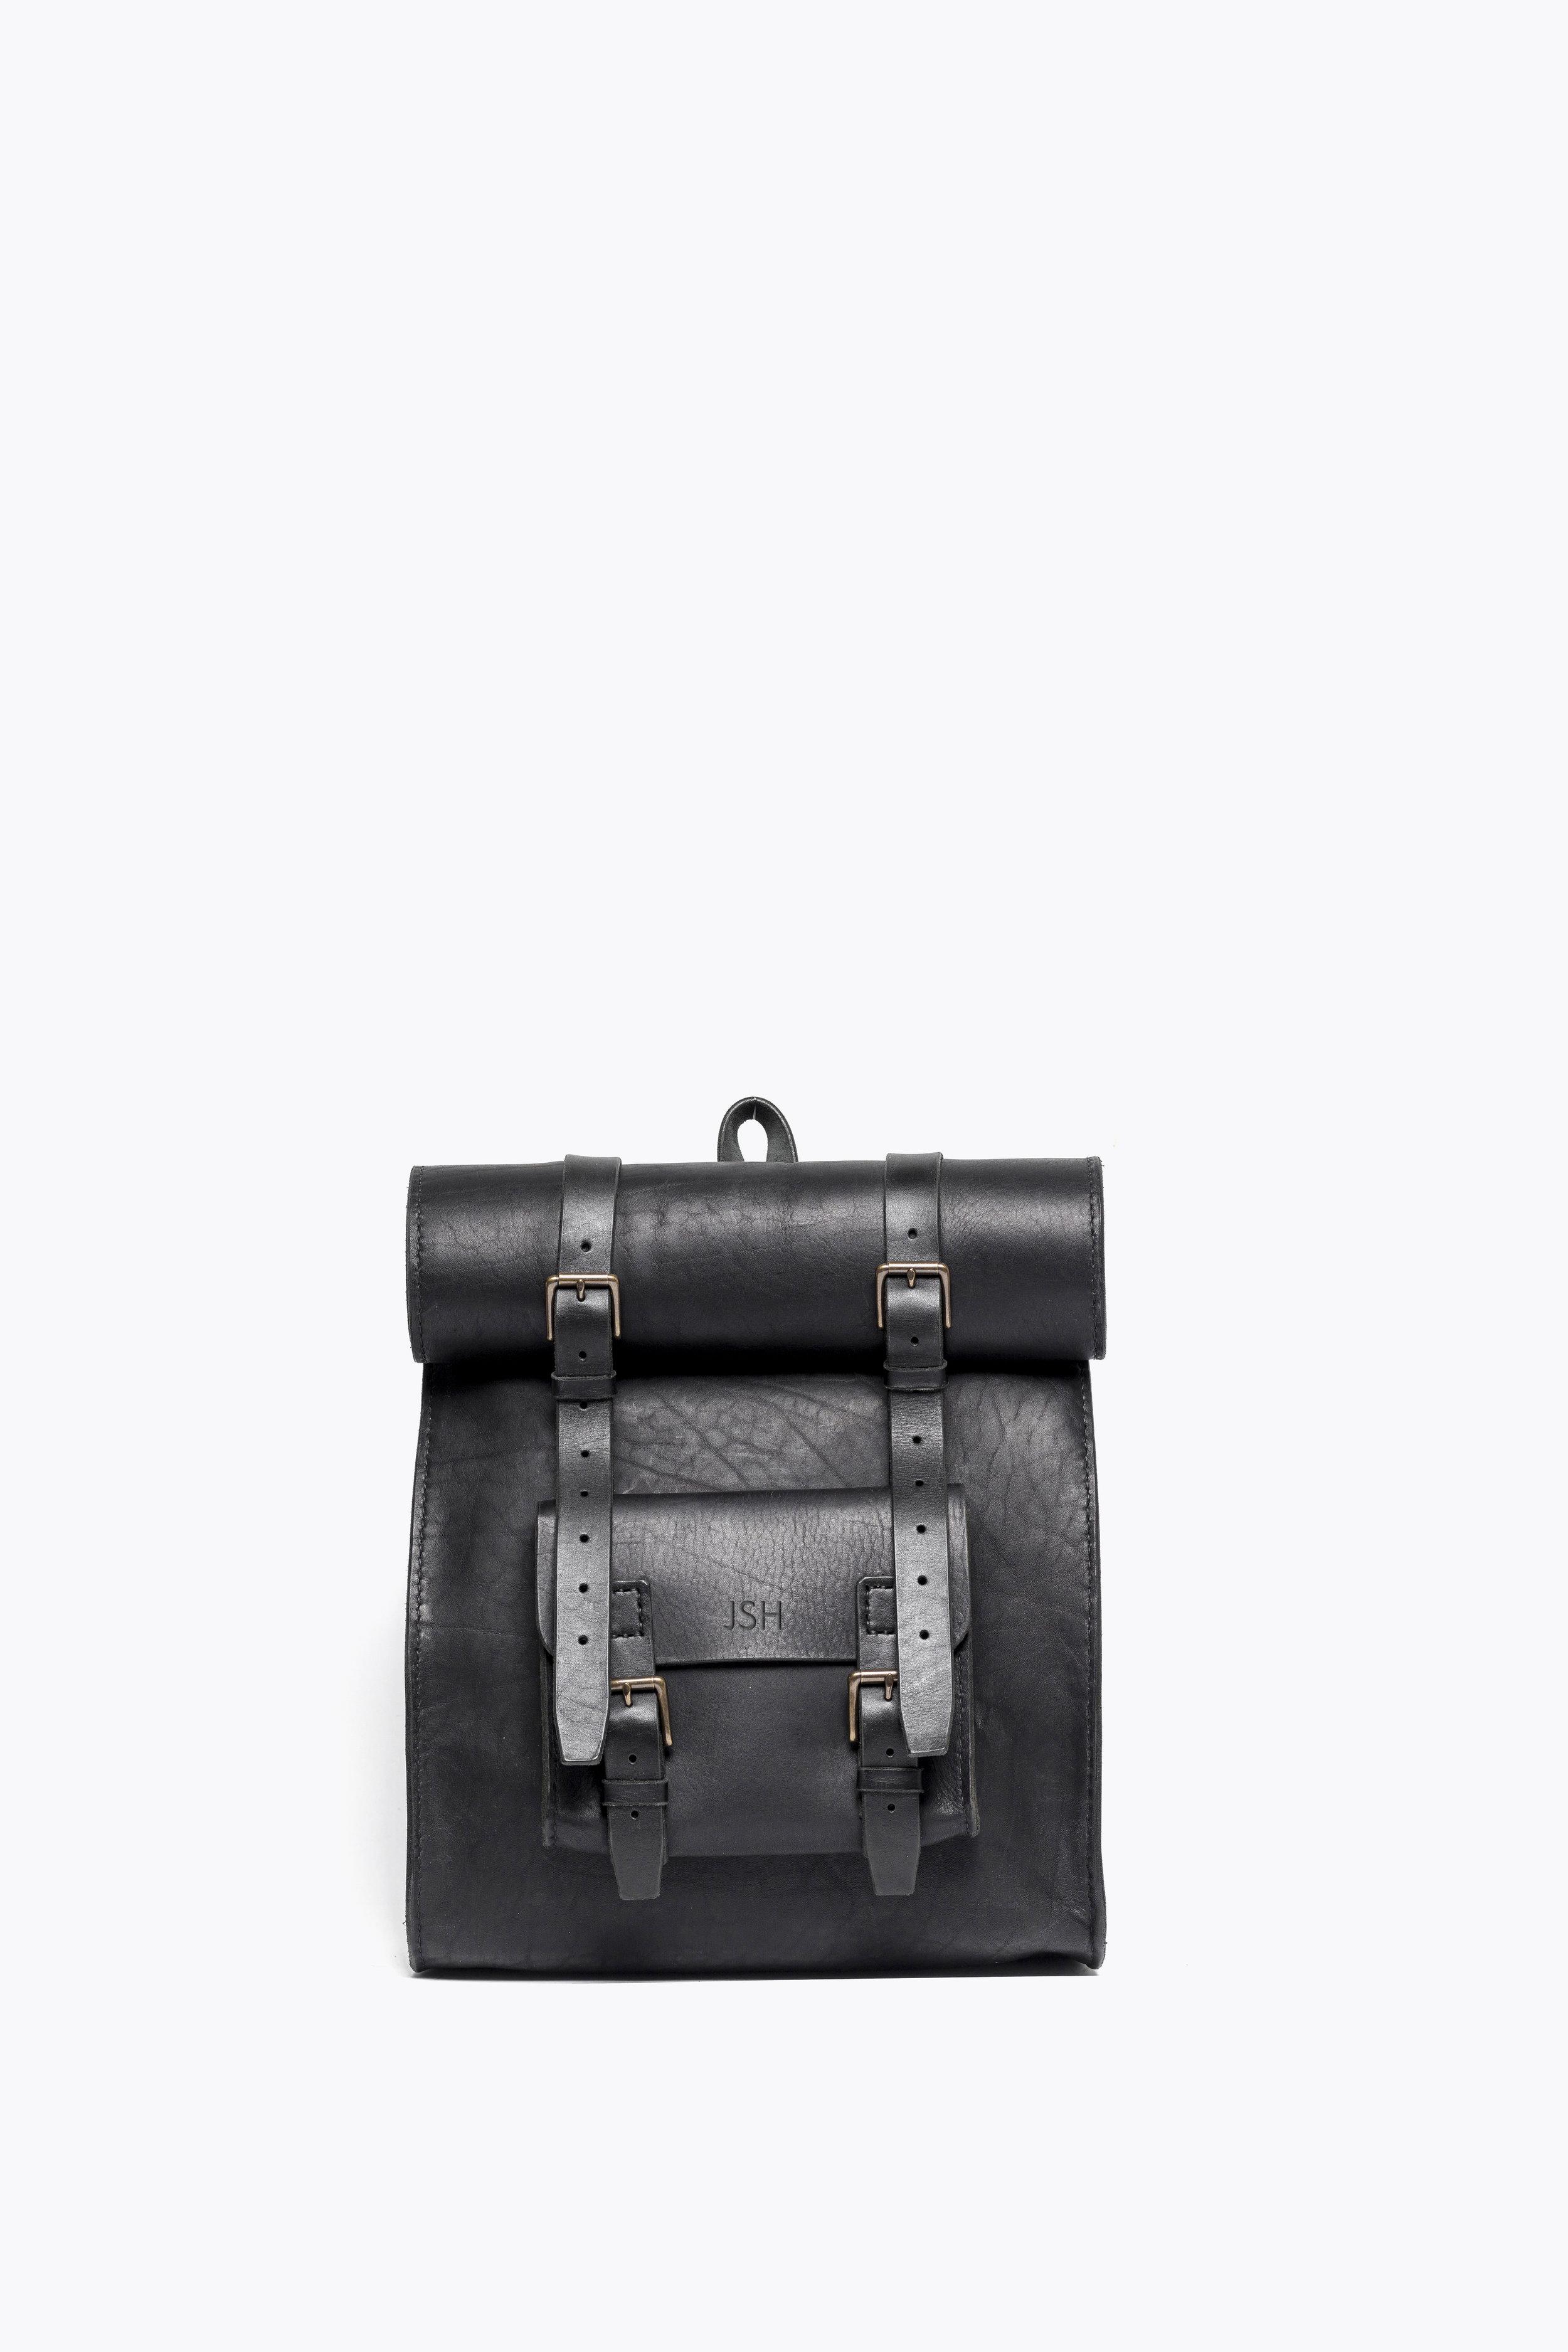 Large Rucksack Black.jpg